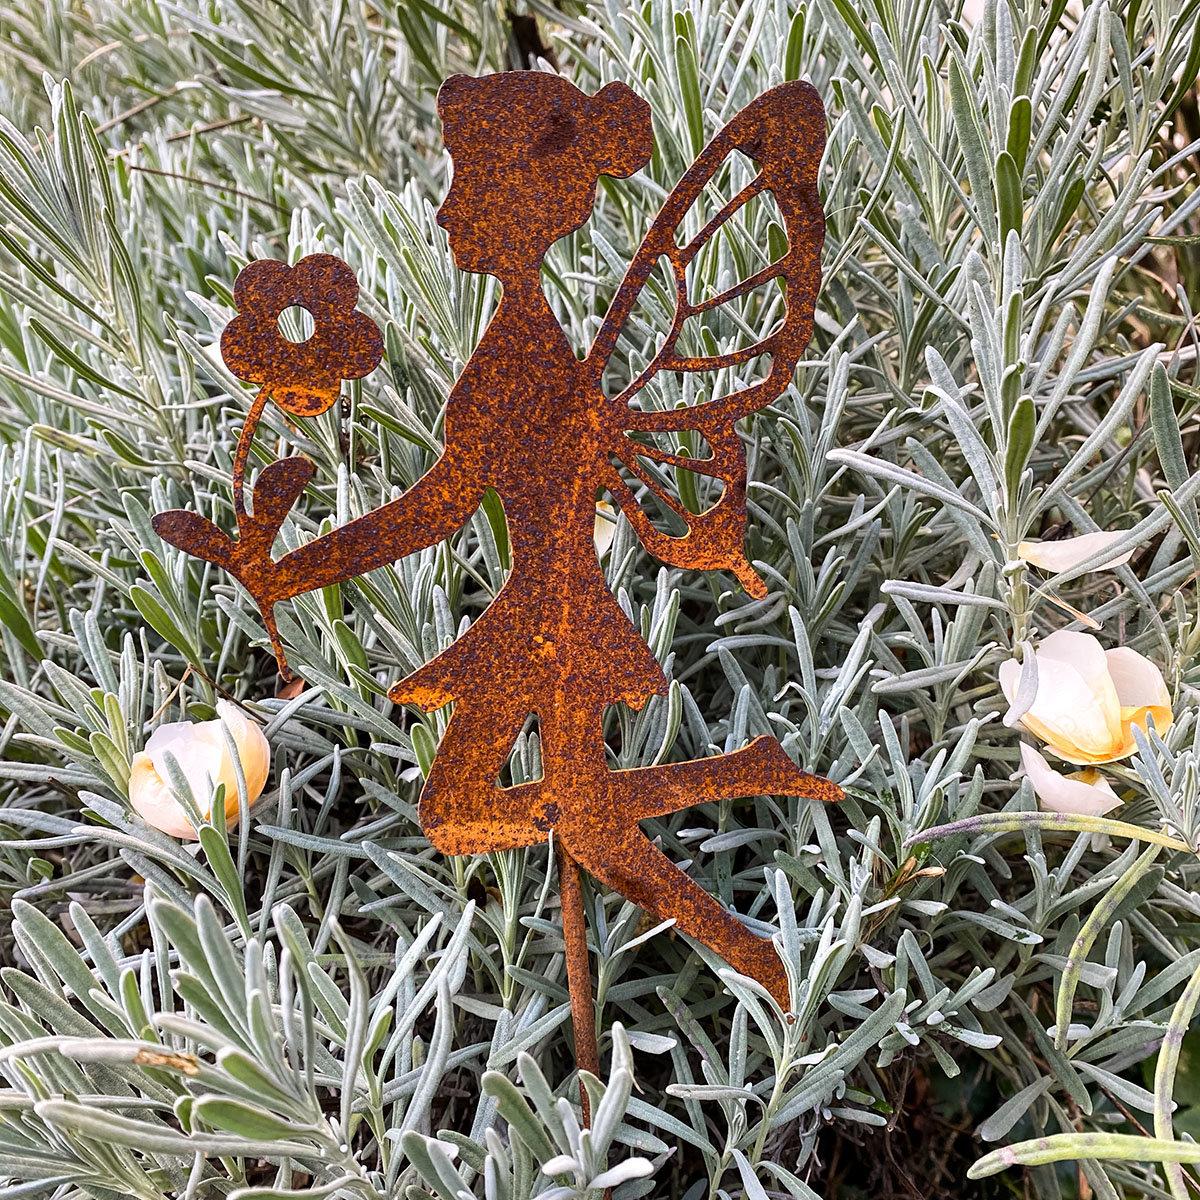 Gartenstecker Fee Luna, Edelrost, 58 cm